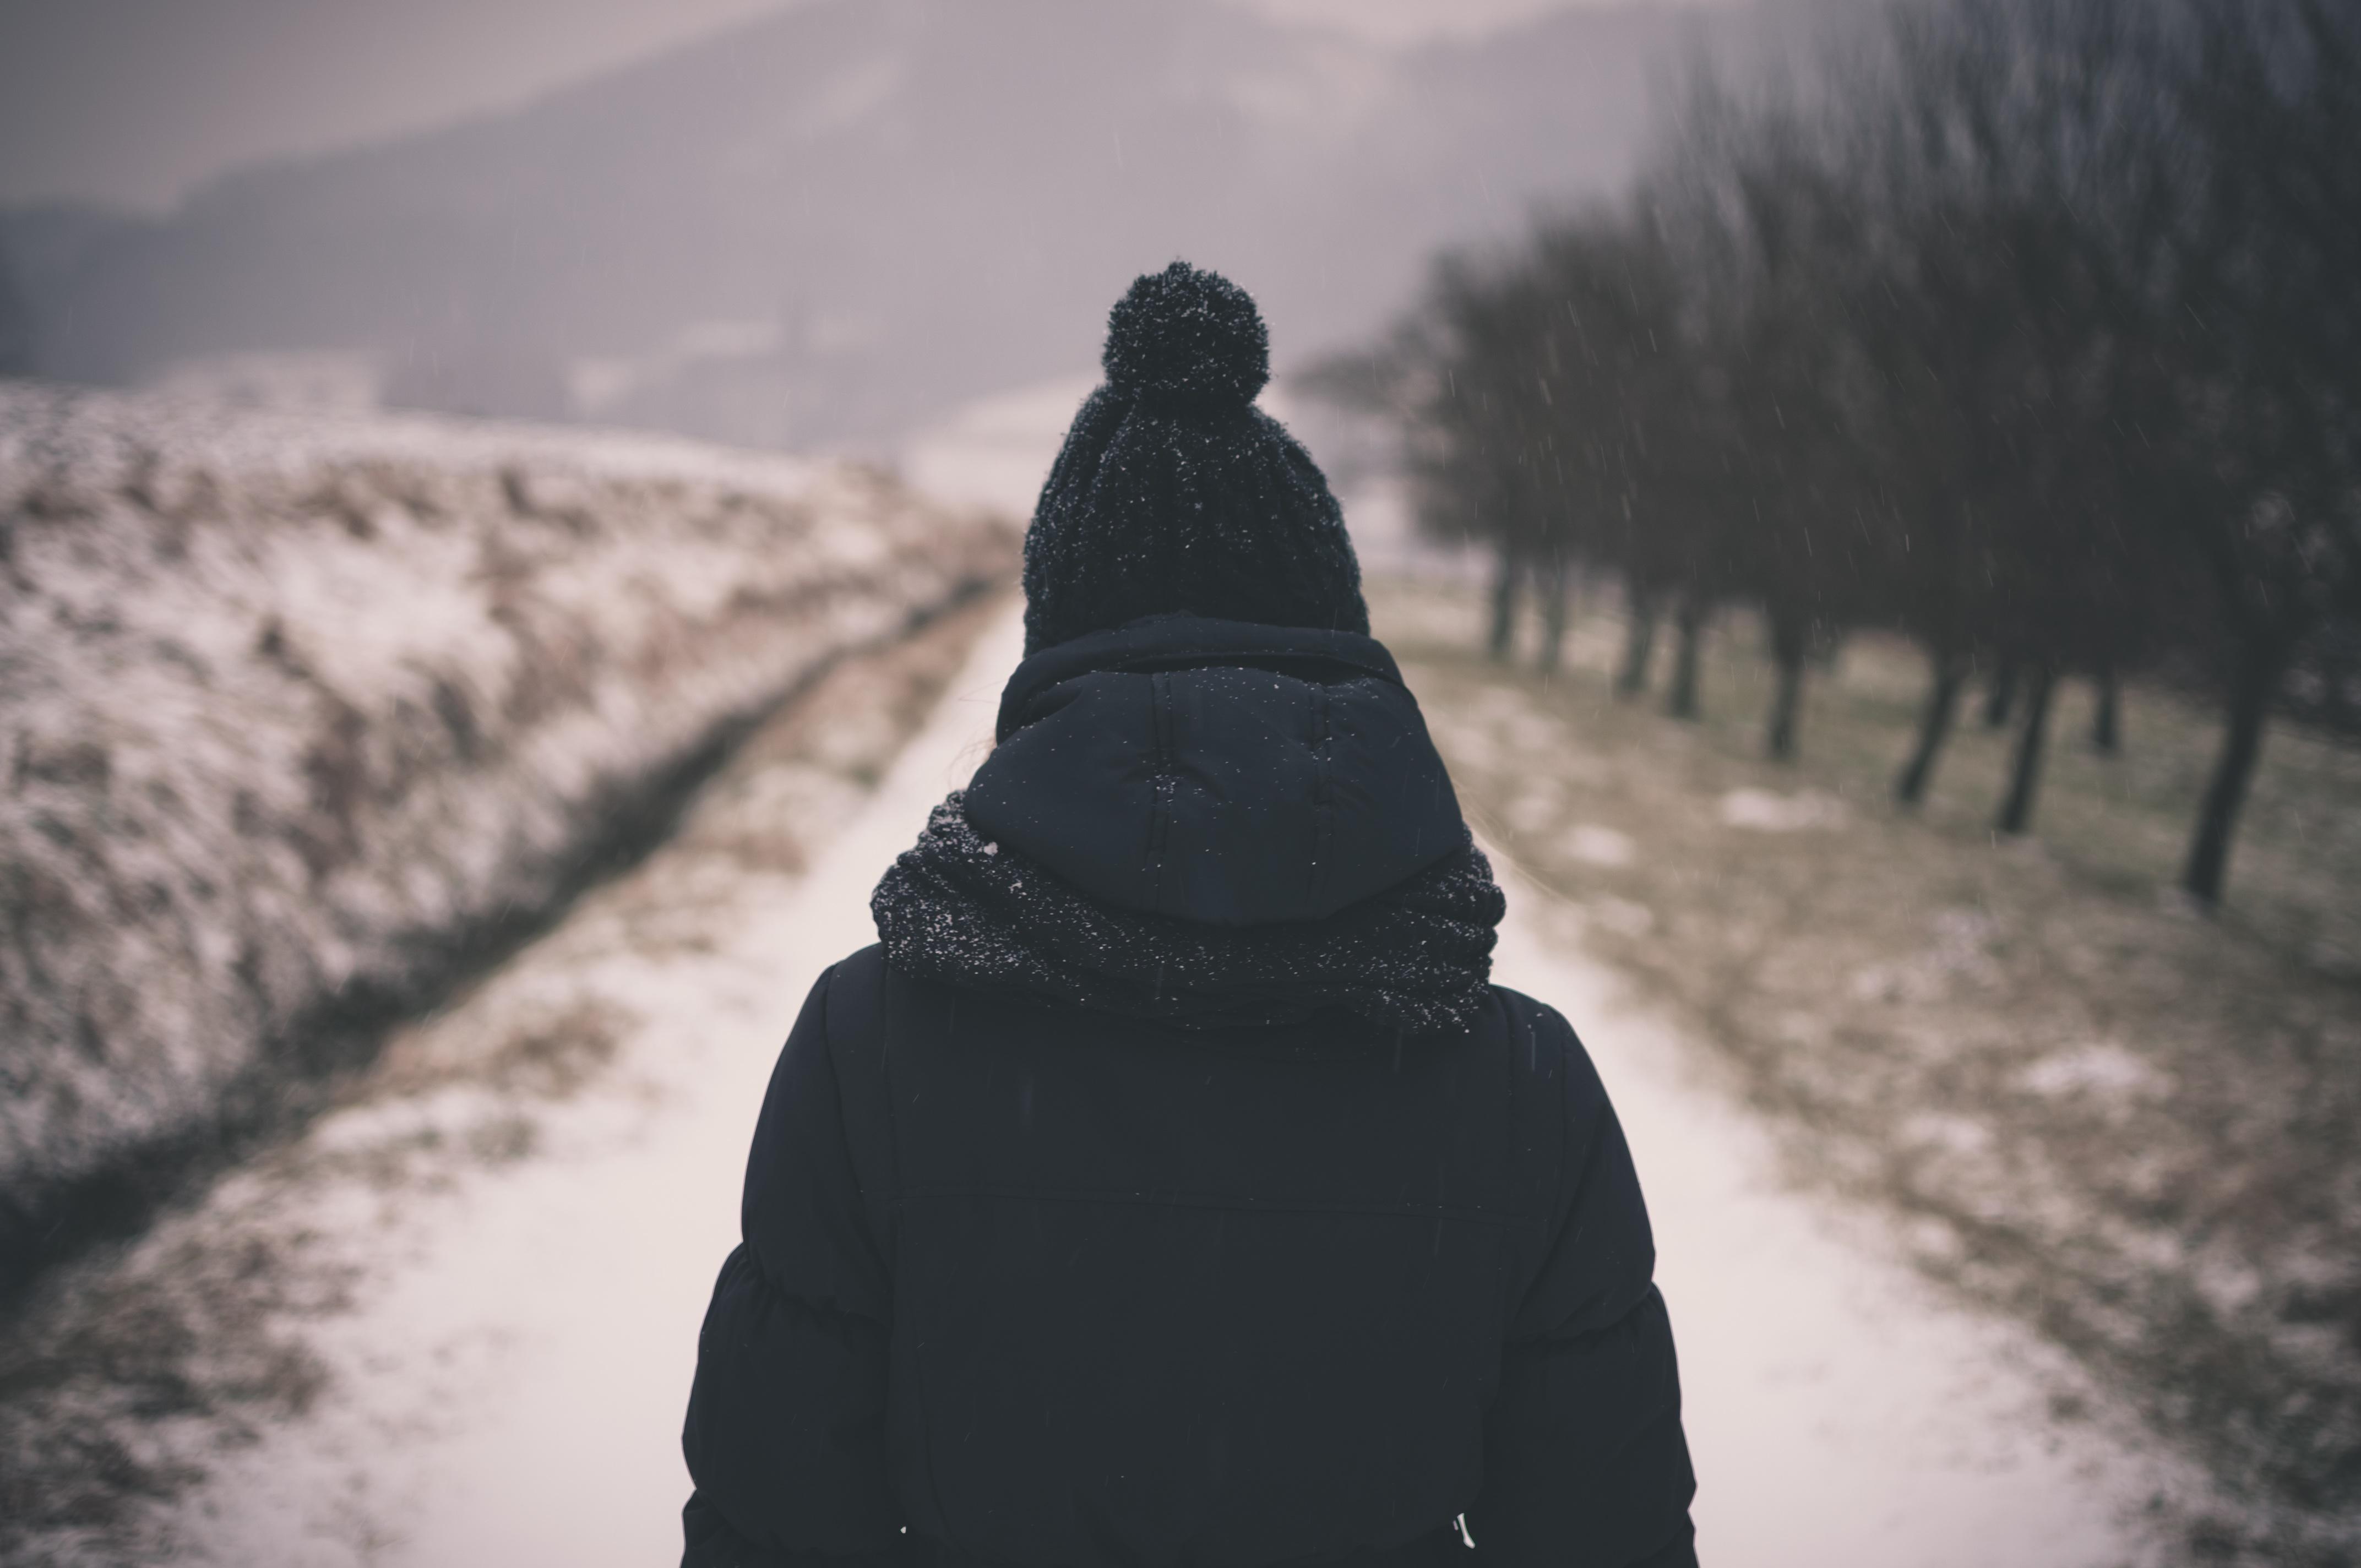 внимание, картинка одиночество снег этот год